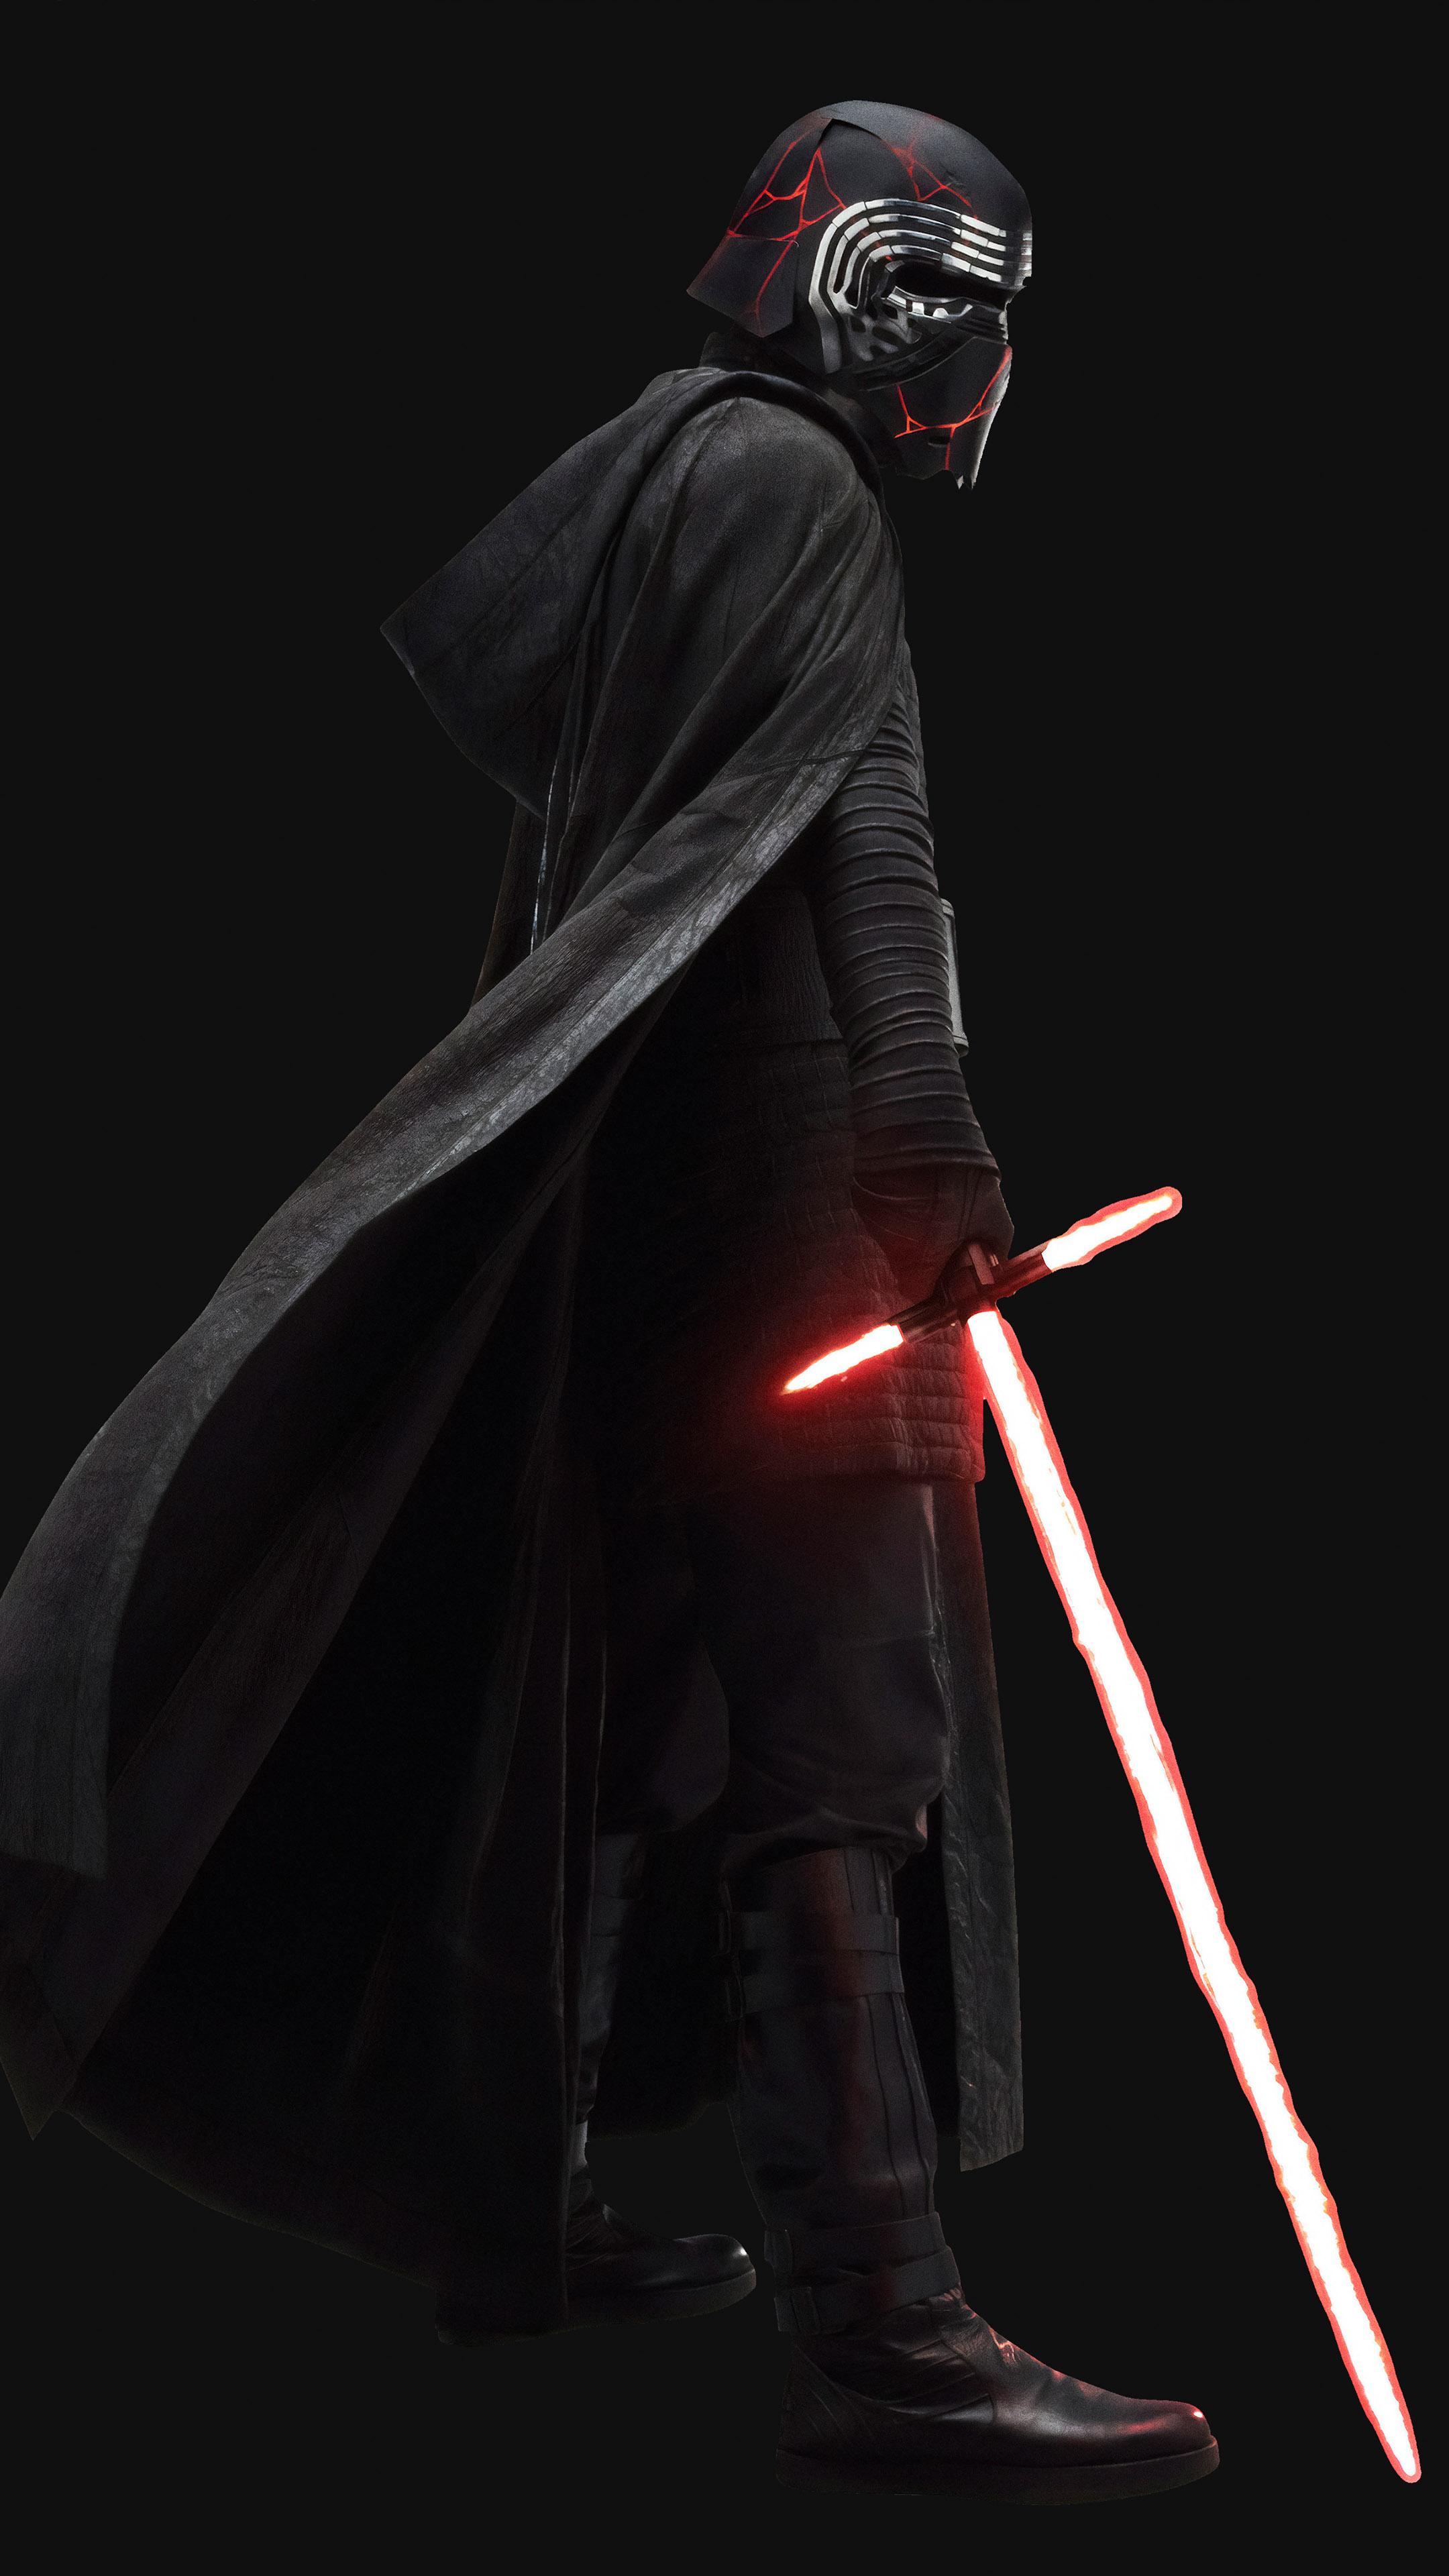 Kylo Ren Star Wars The Rise Of Skywalker 2019 Free 4k Ultra Hd